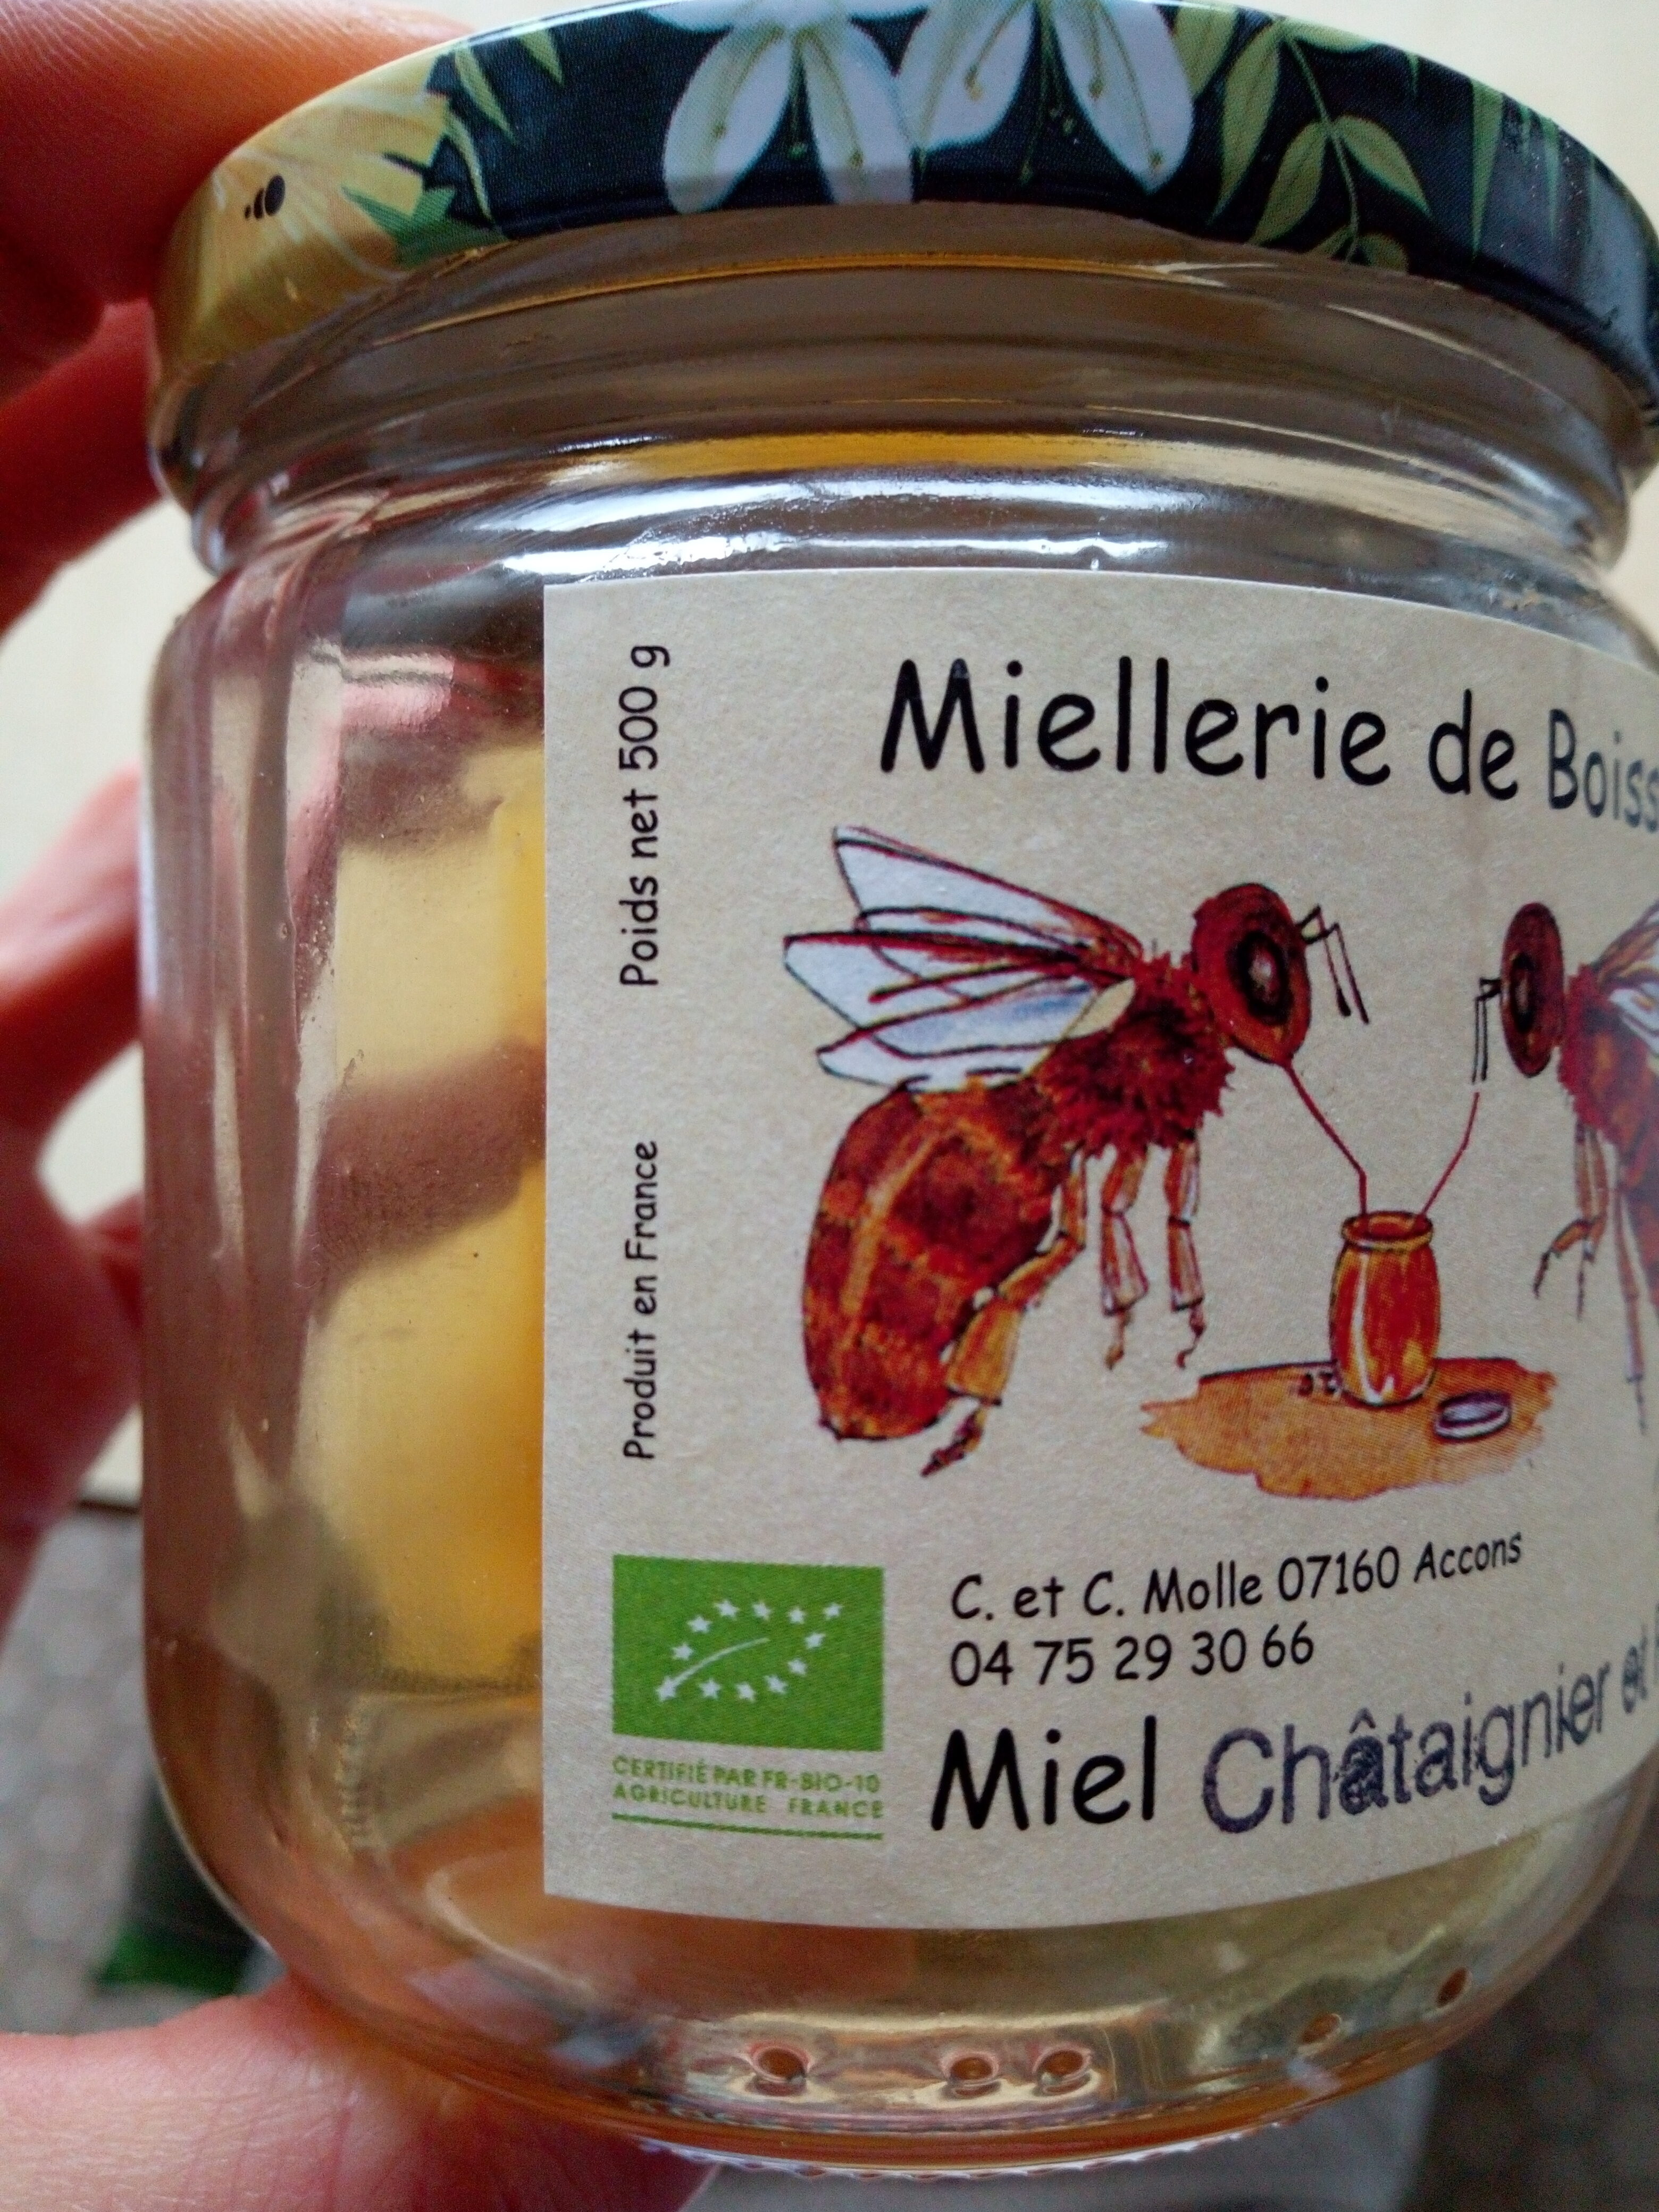 Miel châtaignier et ronce - Instruction de recyclage et/ou informations d'emballage - fr